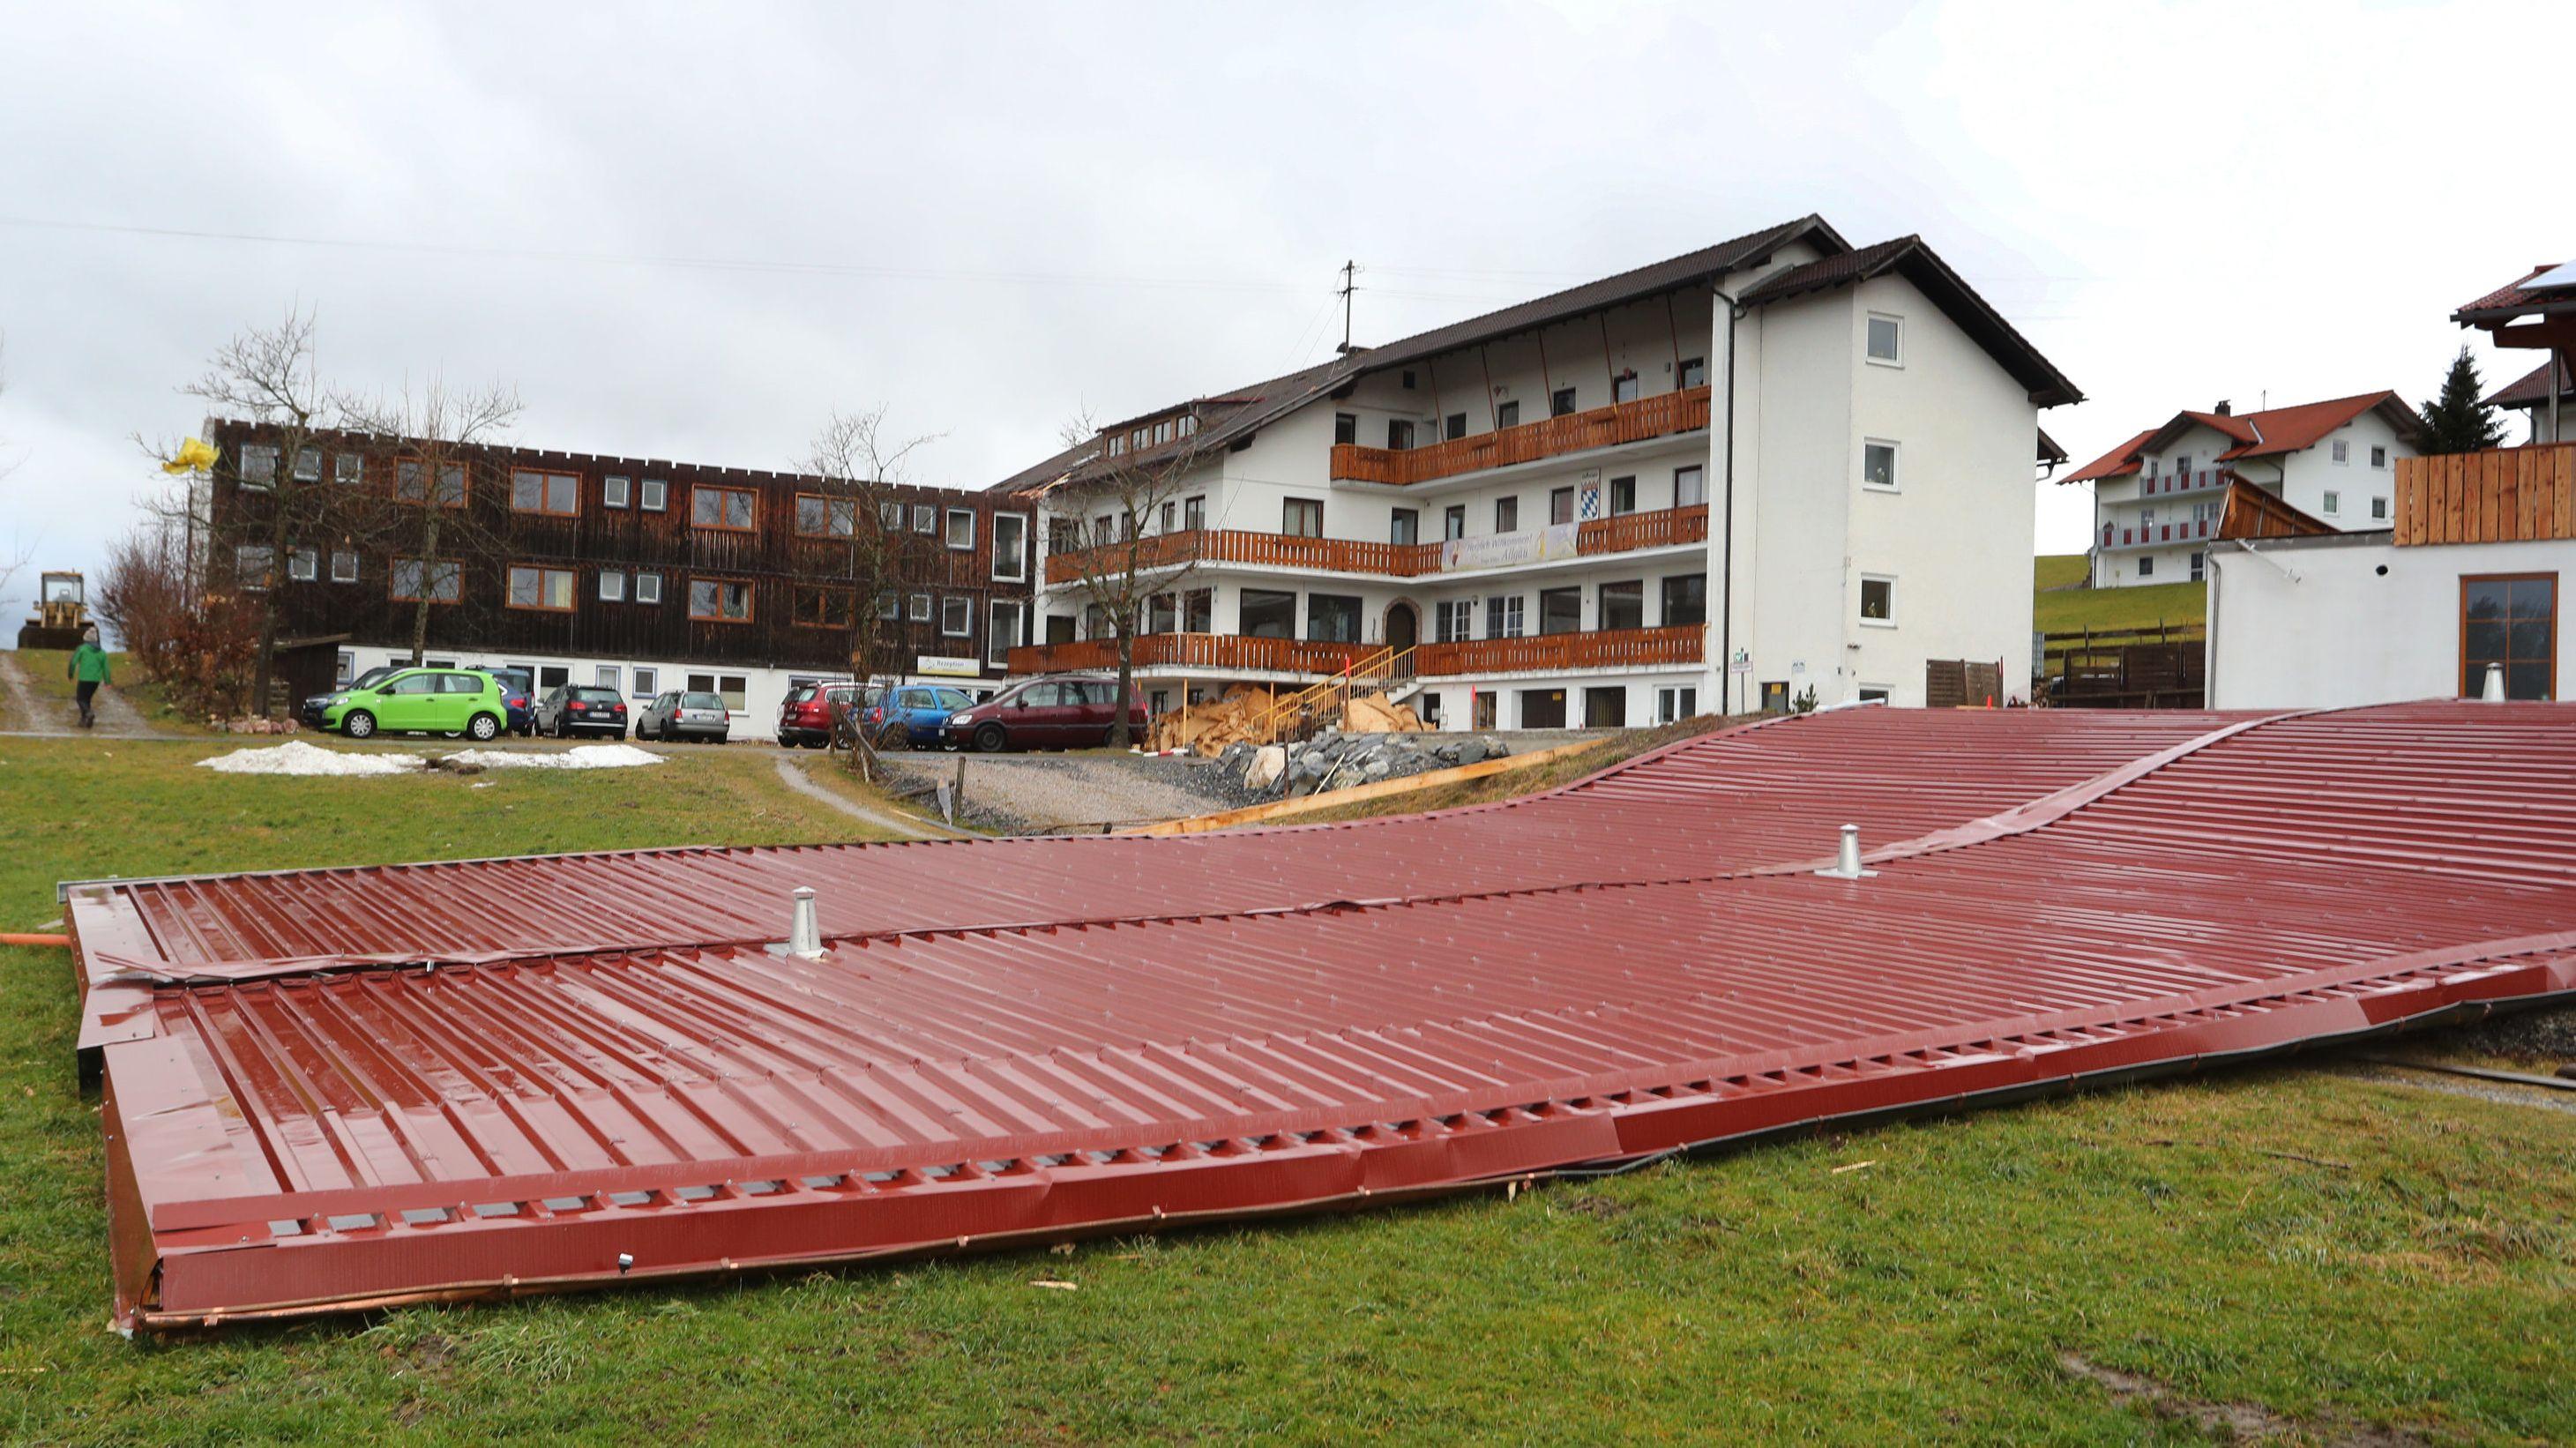 Oy-Mittelberg: Vom Sturm abgetragen ist das Dach eines Seminarhauses.